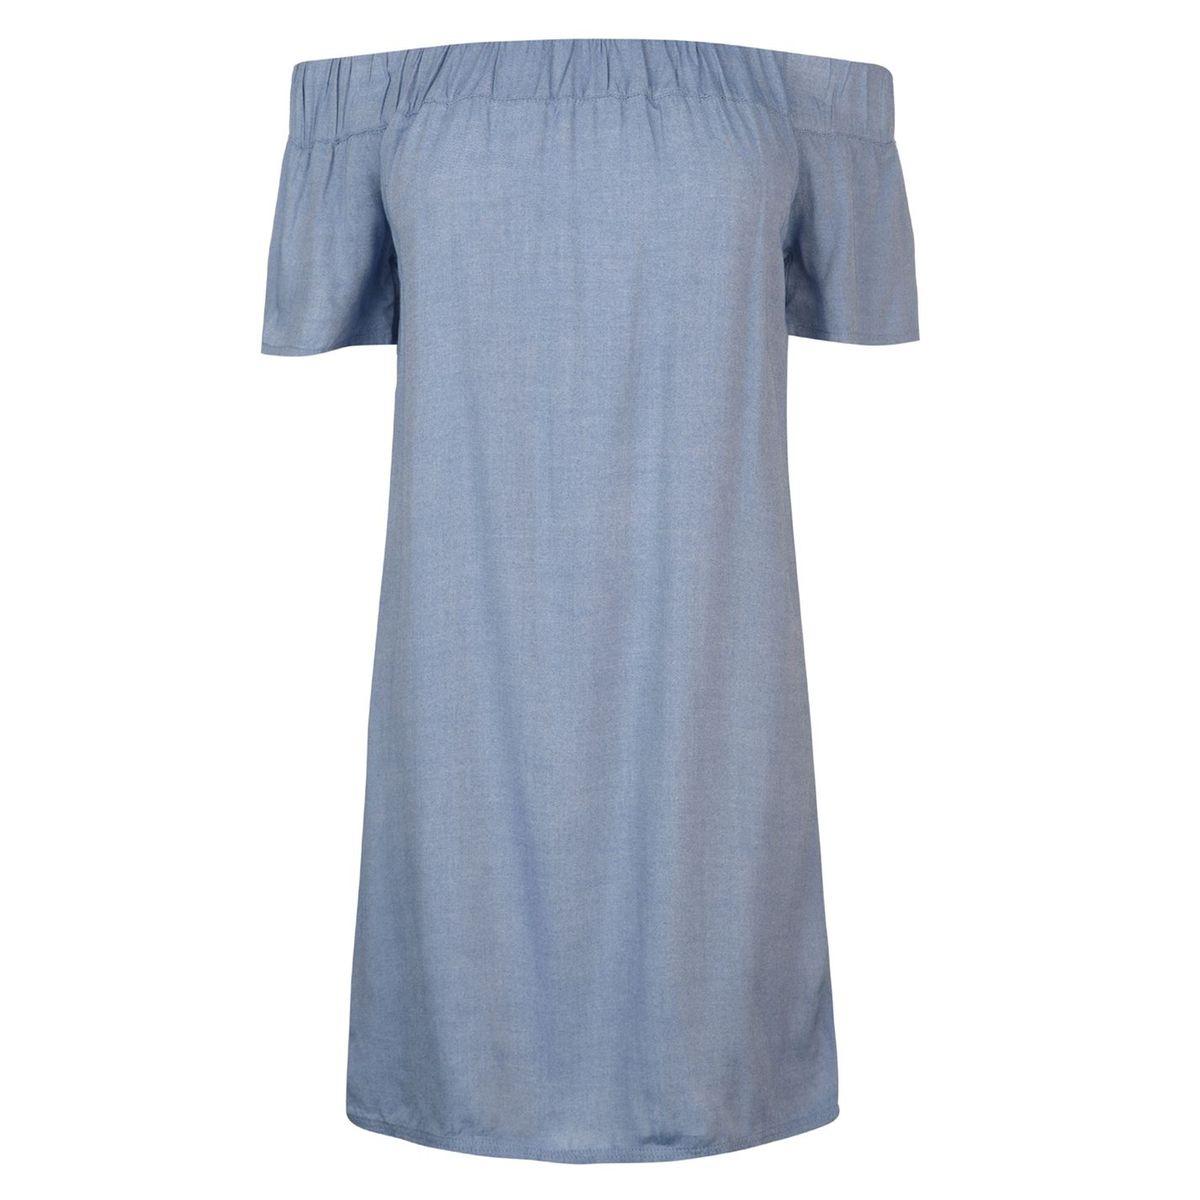 f367350eca7 Nouveau Robe courte épaules dénudées. FIRETRAP